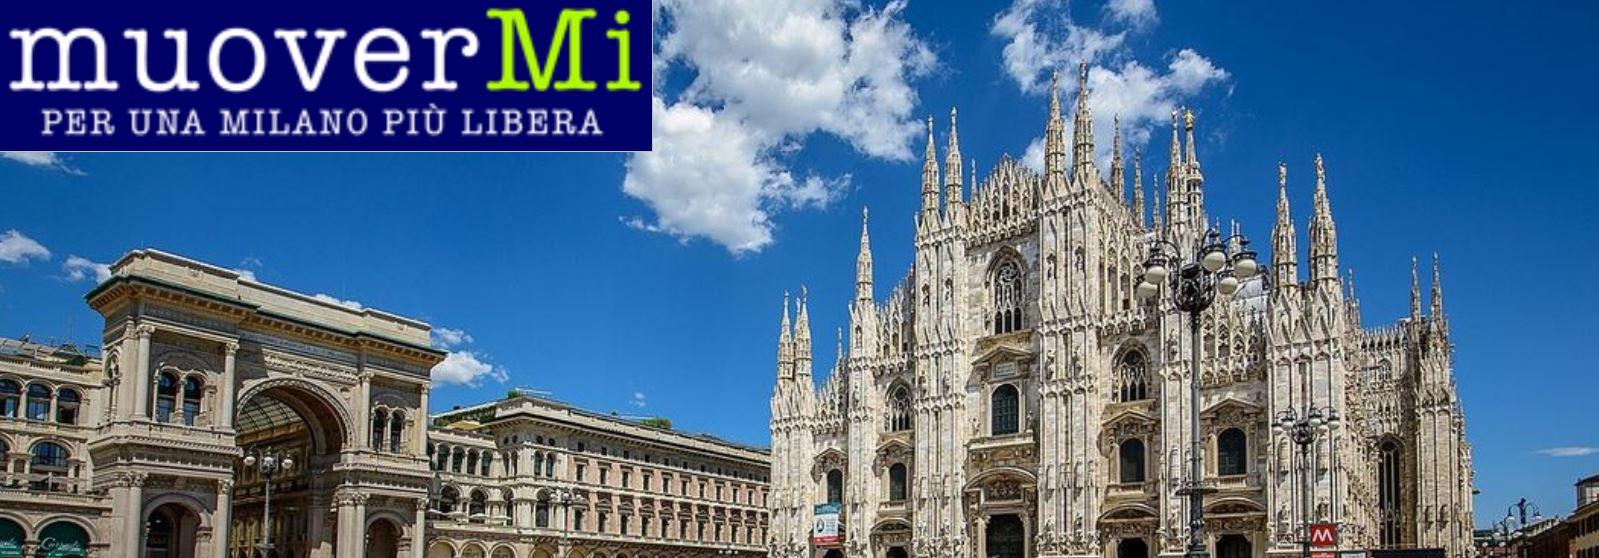 MuoverMi-a-Milano-1